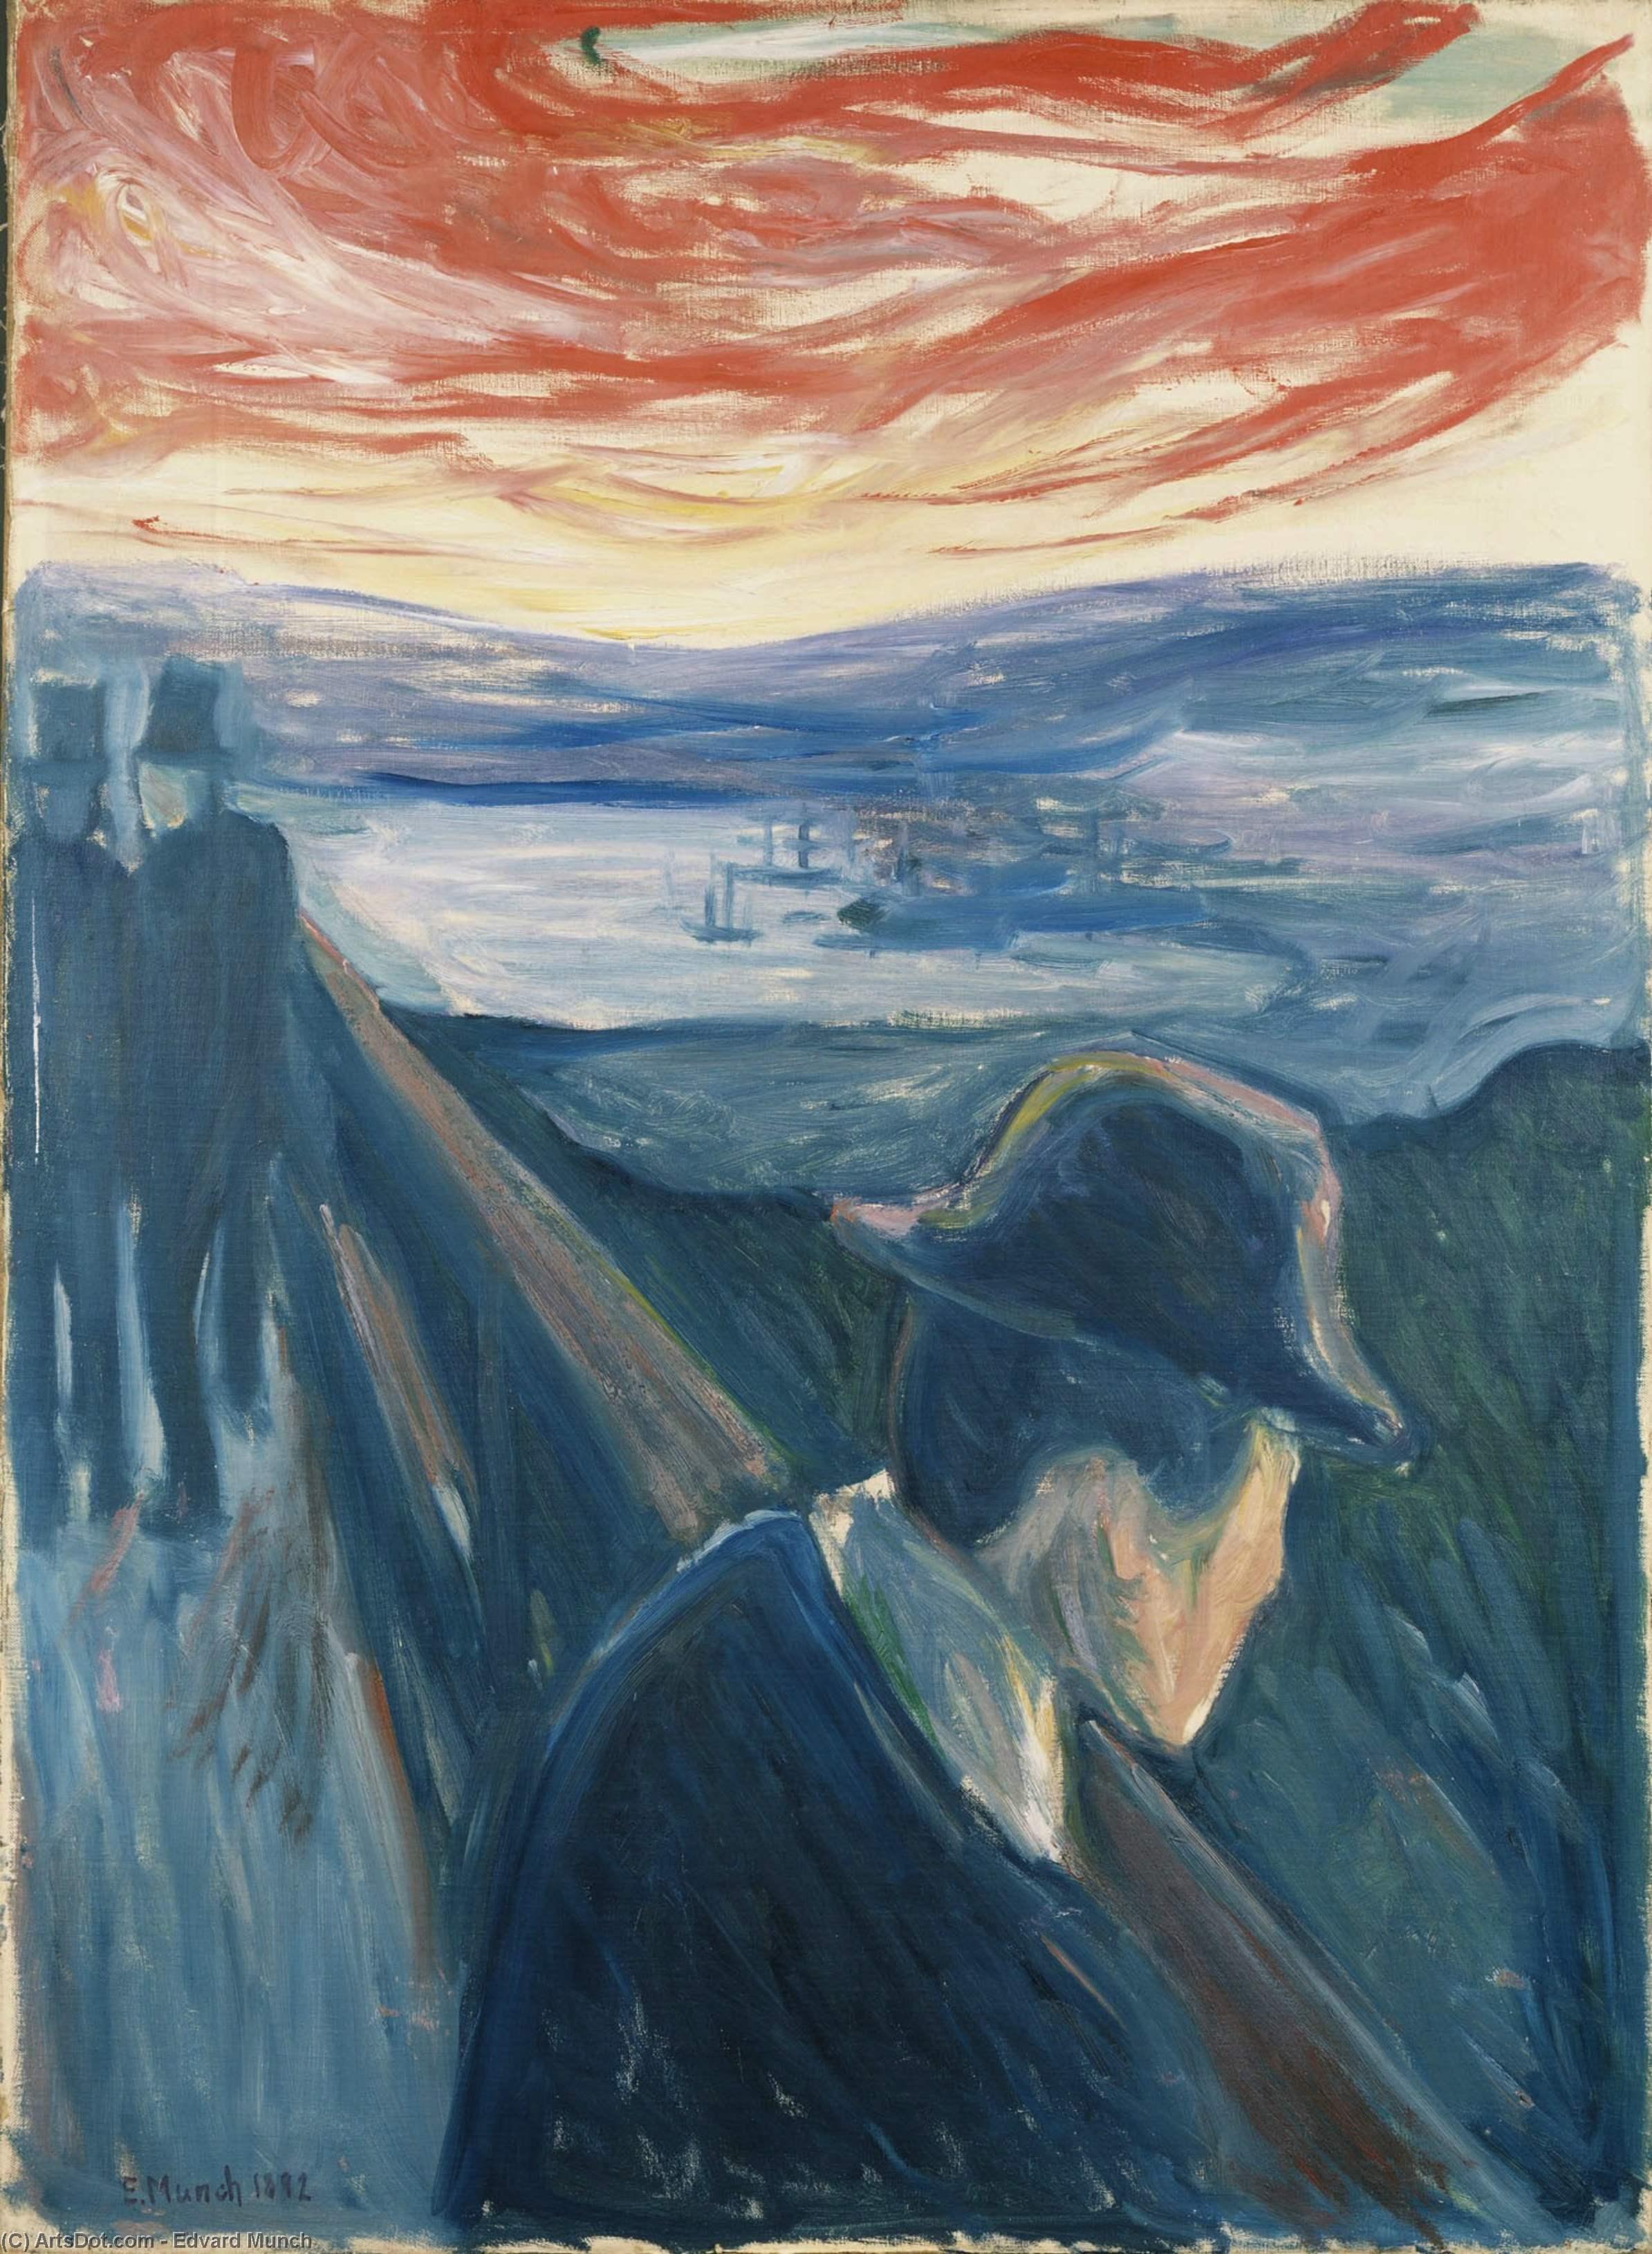 Wikoo.org - موسوعة الفنون الجميلة - اللوحة، العمل الفني Edvard Munch - Despair